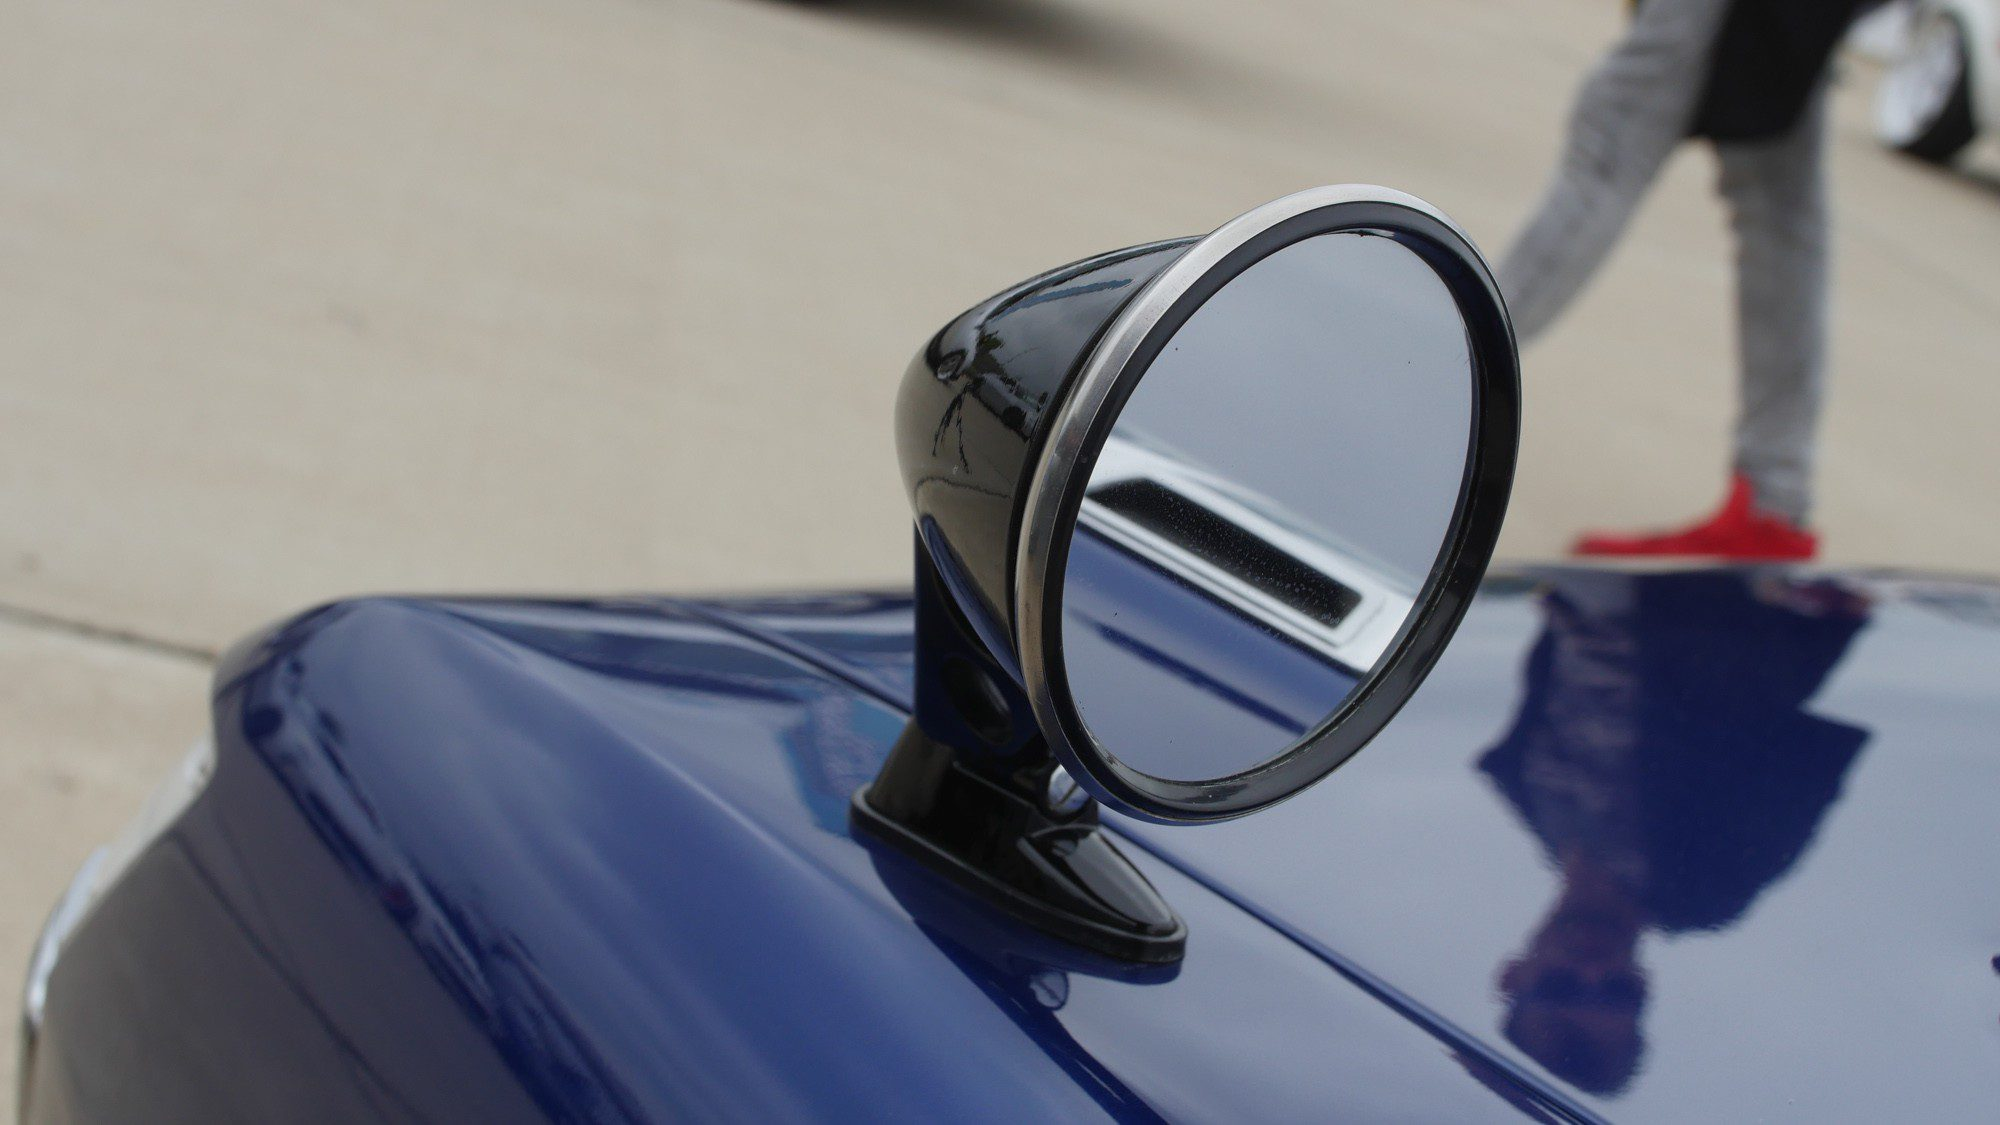 Außergewöhnlicher Außenspiegel an der Toyota Celica